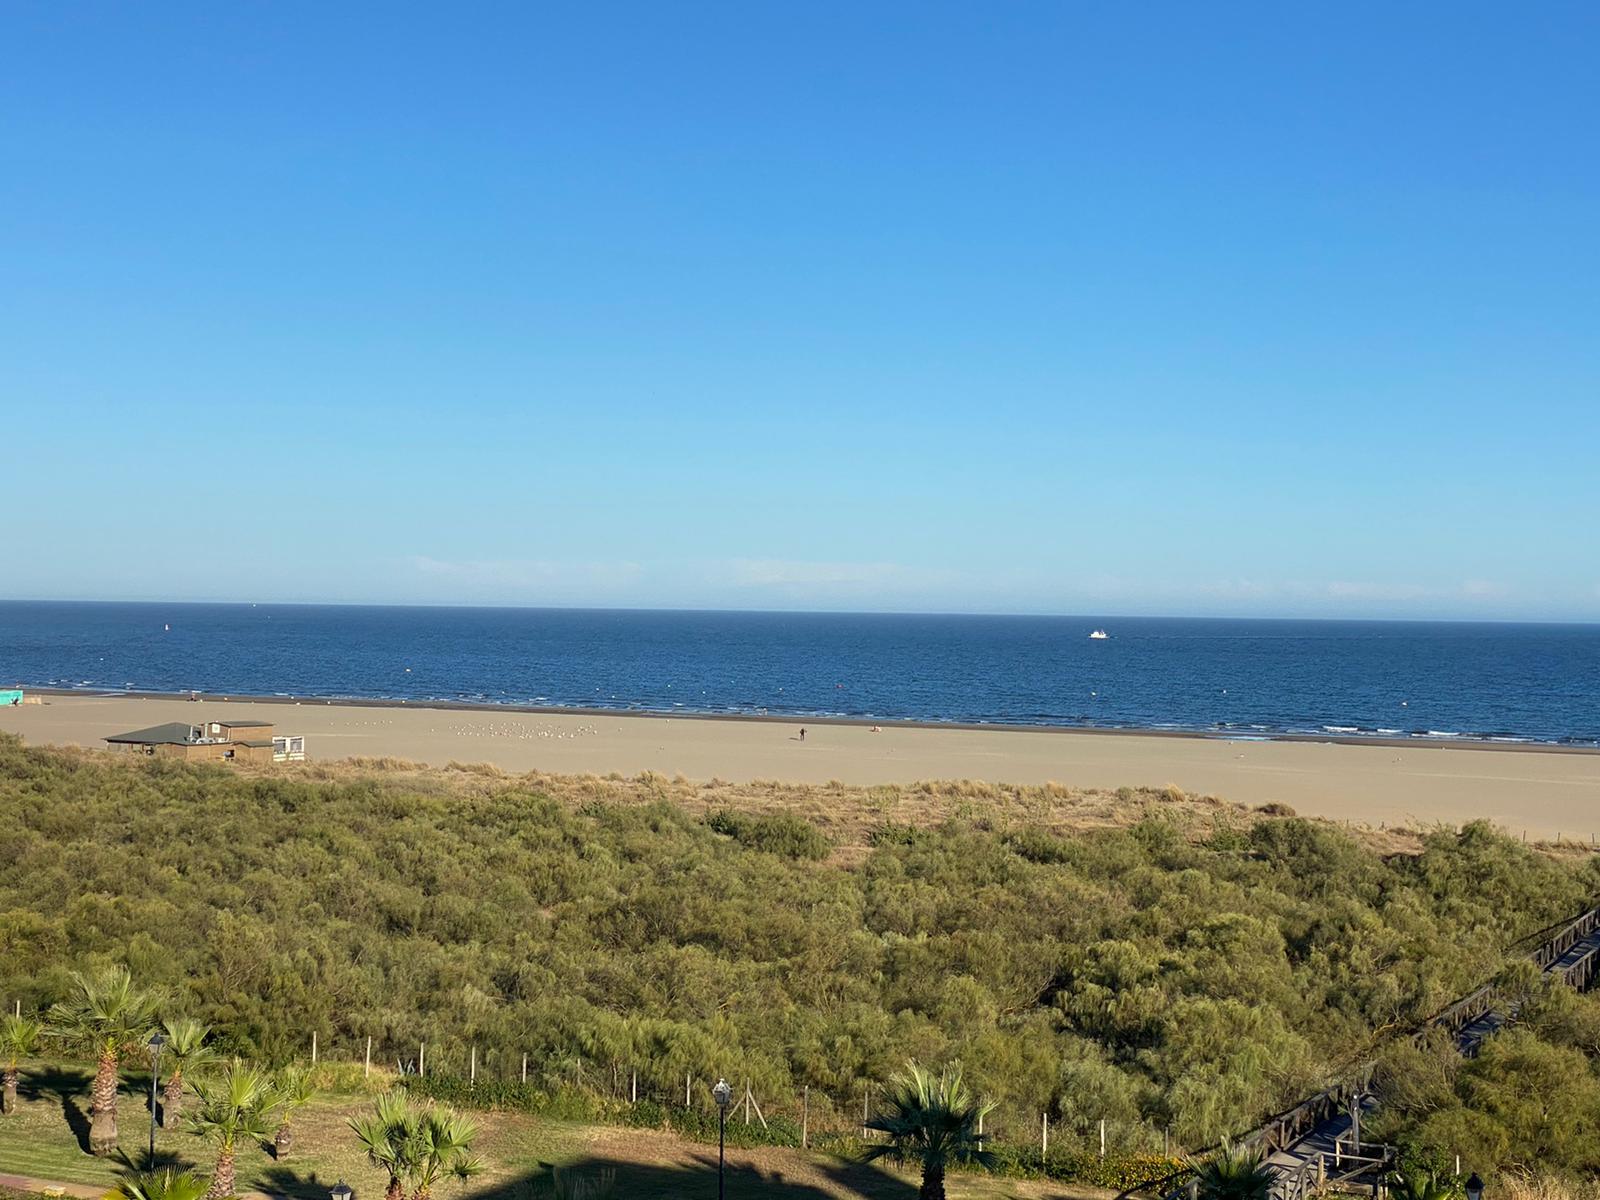 Imagen 48 del Apartamento Turístico, Ático 6 Levante (3d+2b), Punta del Moral (HUELVA), Paseo de la Cruz nº22